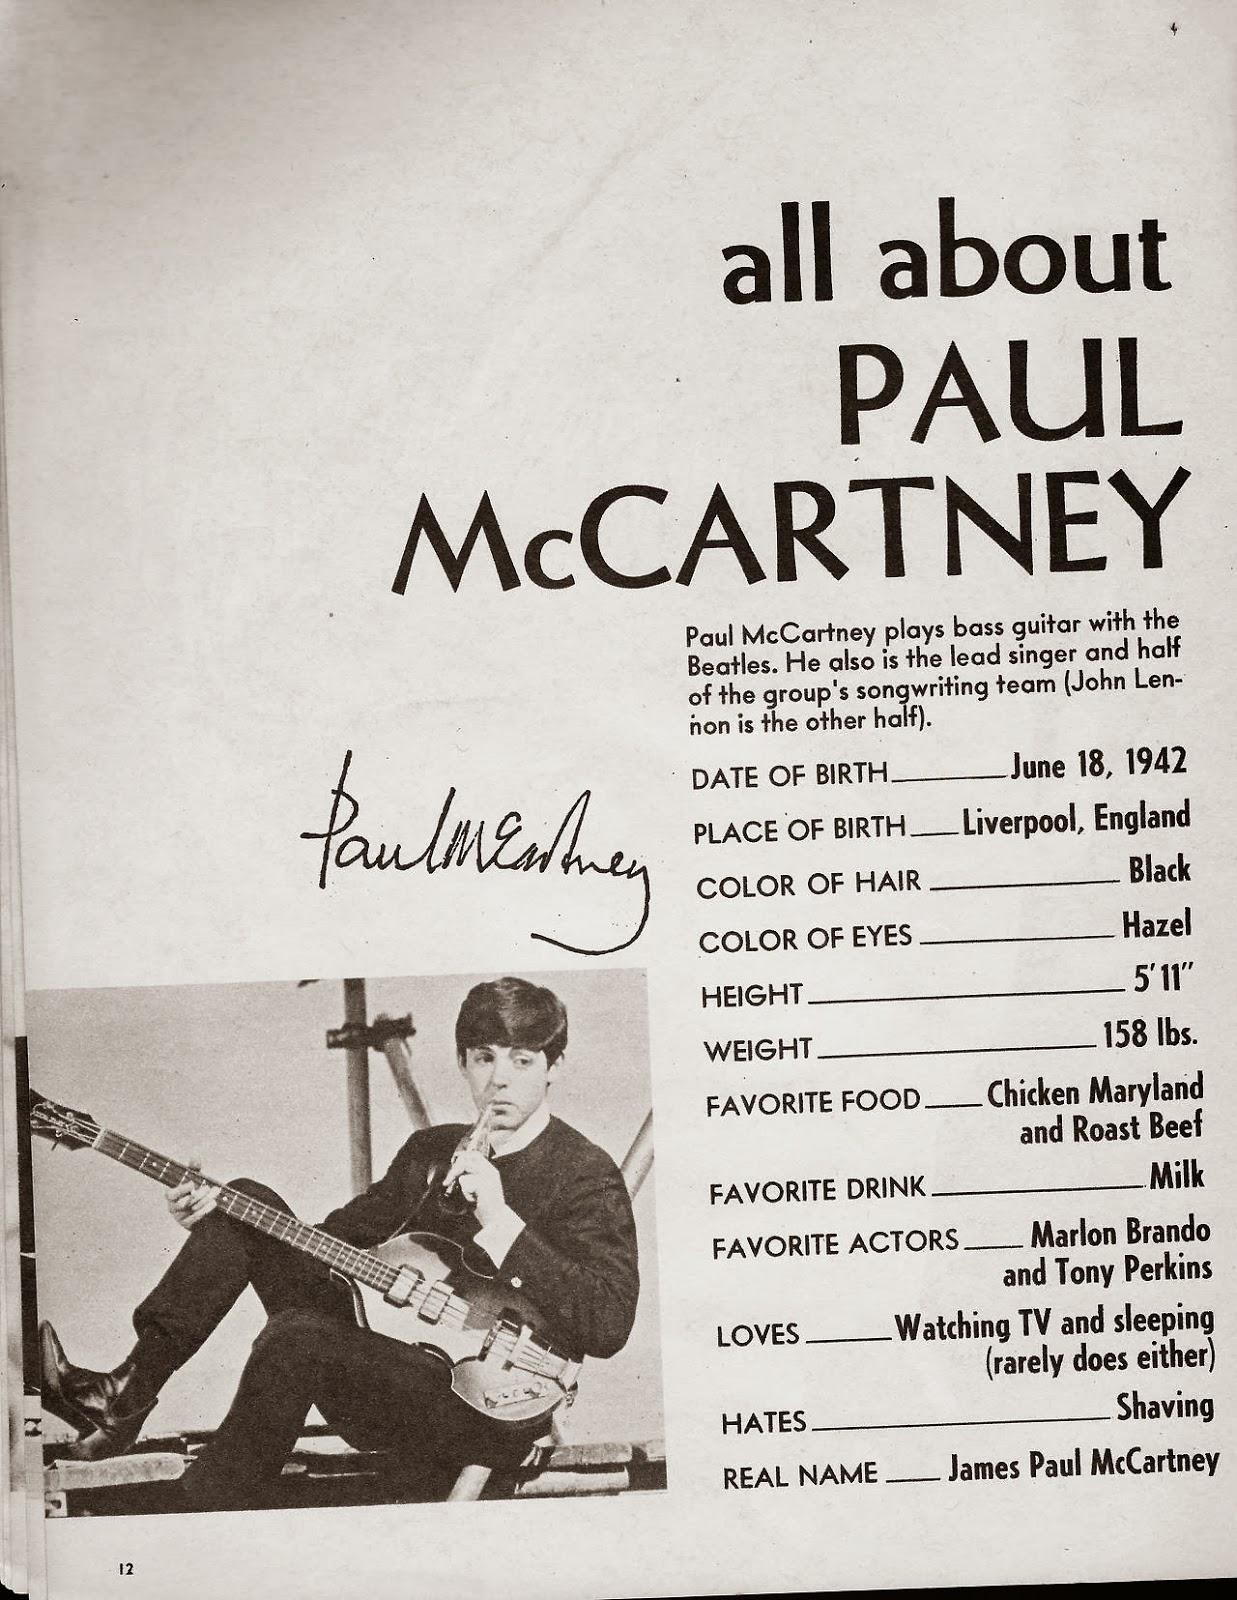 RECORTES DE PRENSA - Página 4 Beatles_dates2